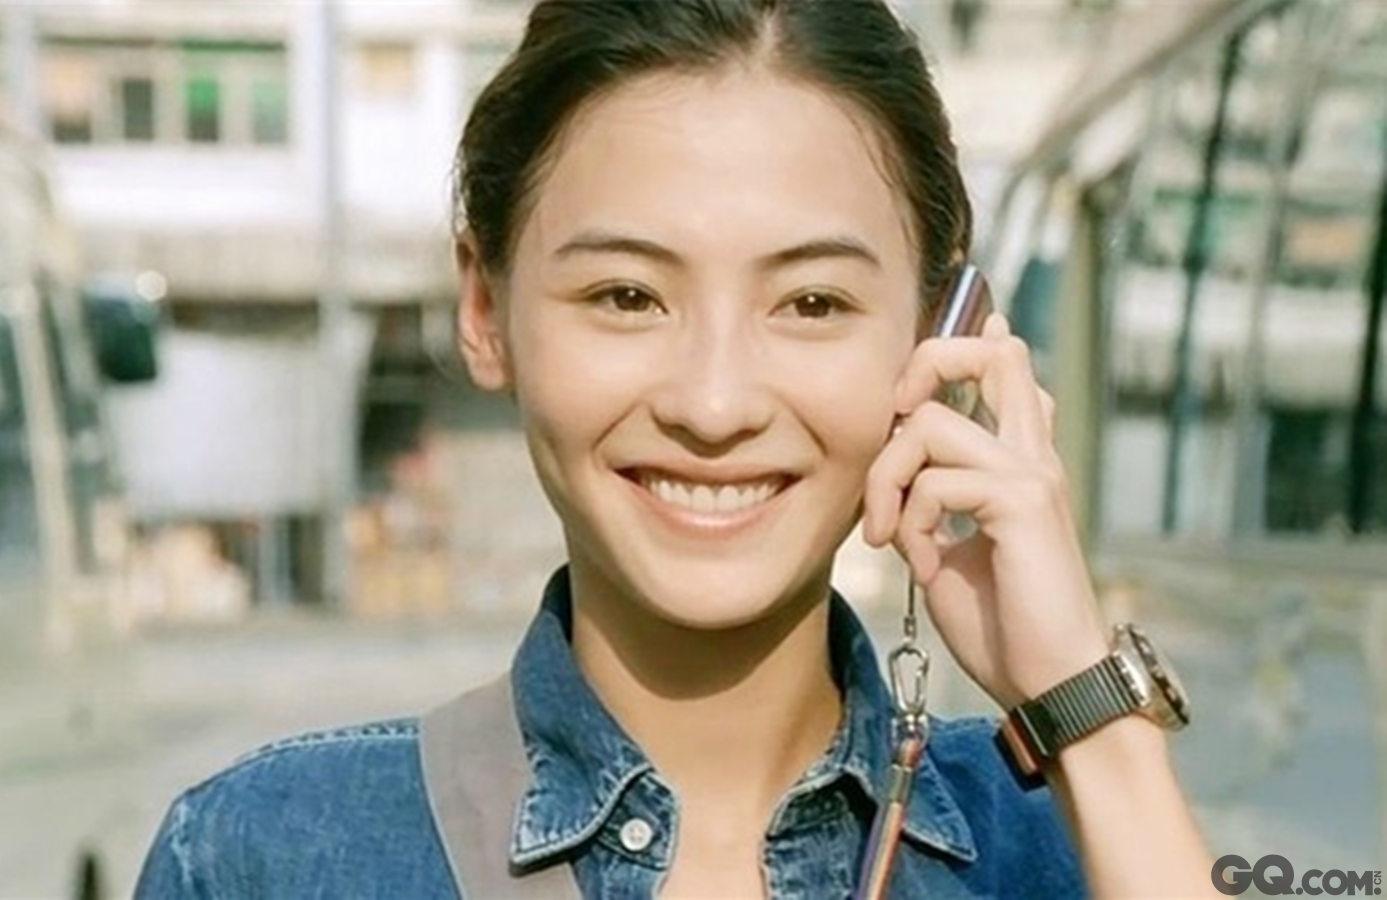 张柏芝天生属于演艺圈,自带表演型人格,更何况还漂亮。19岁主演周星驰的《喜剧之王》,星爷说她是天才;2002年的《河东狮吼》创下票房佳绩;2004年张柏芝先后主演杜琪峰的《大块头有大智慧》和尔冬升的《忘不了》,前者给她带来了第十届香港电影评论学会最佳女演员的称号,后者则让她在23岁问鼎香港电影金像奖影后的宝座。